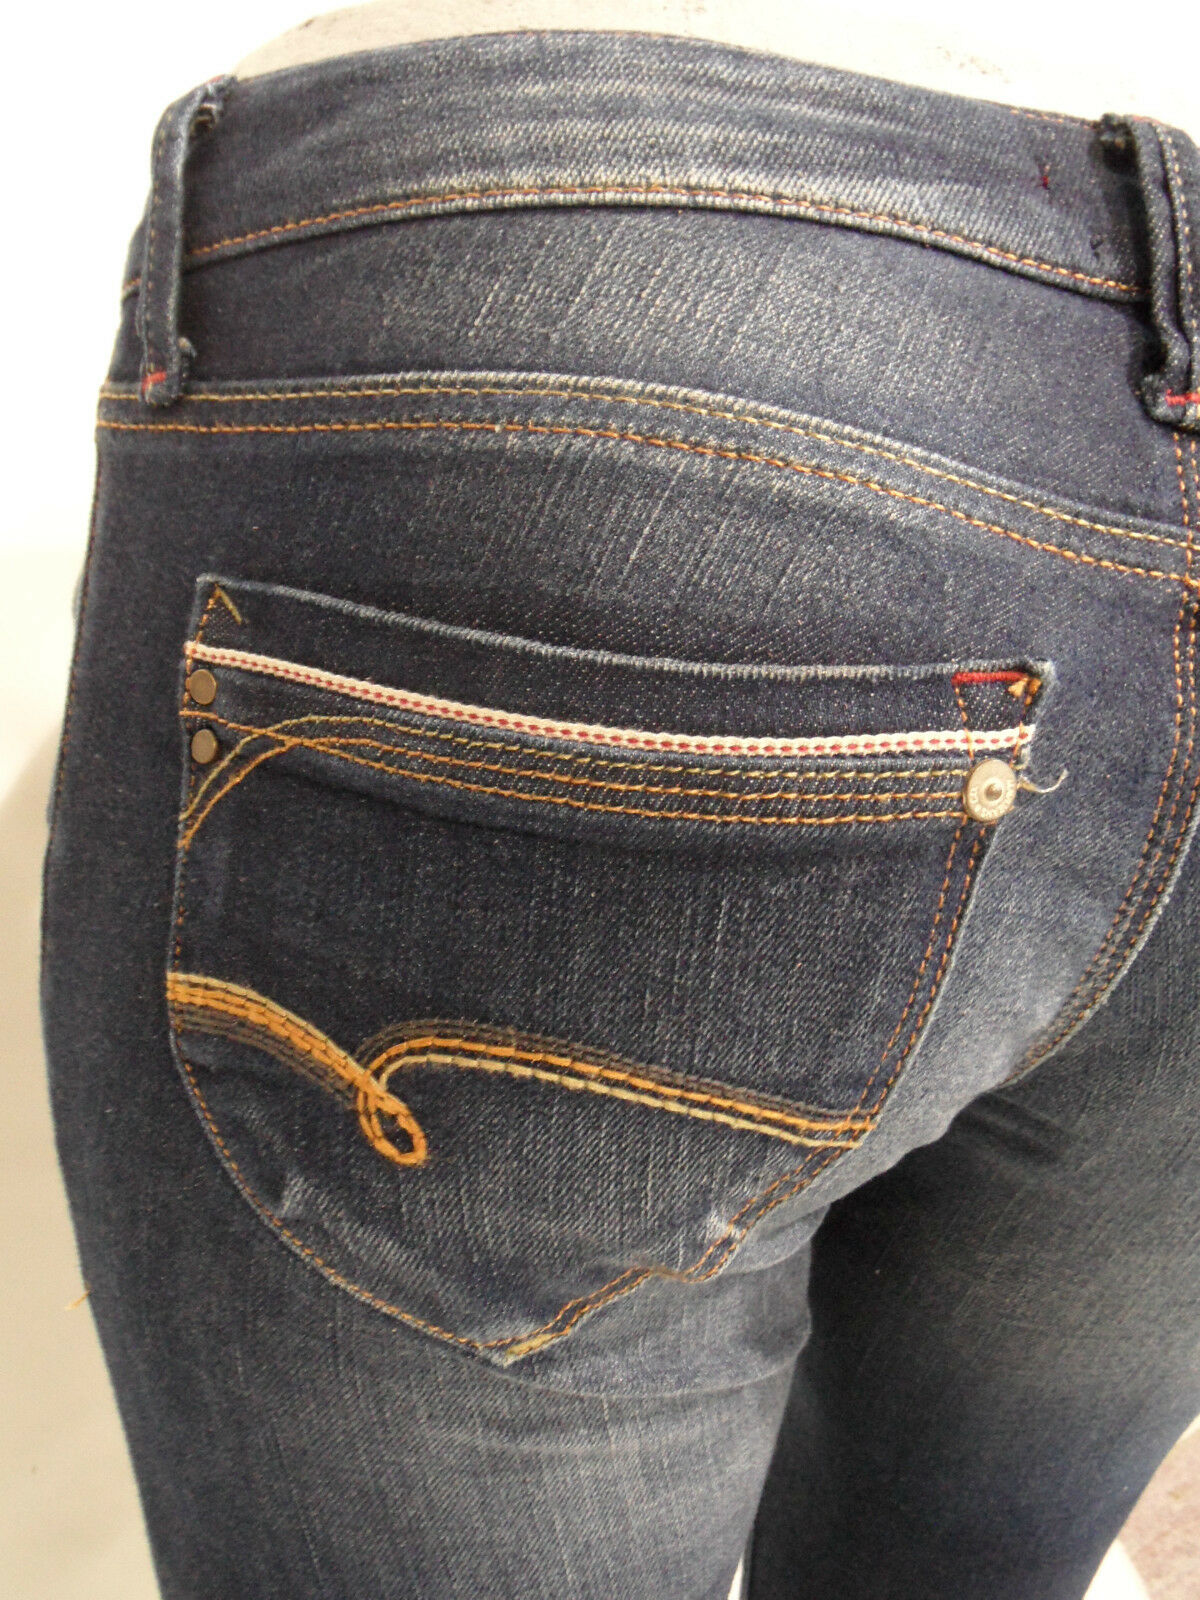 MAVI Damen Jeans Lindy 10197 NEU ripped ripped ripped Weiß 18650 Verschiedene Größen Lä. 32 ccc0c7